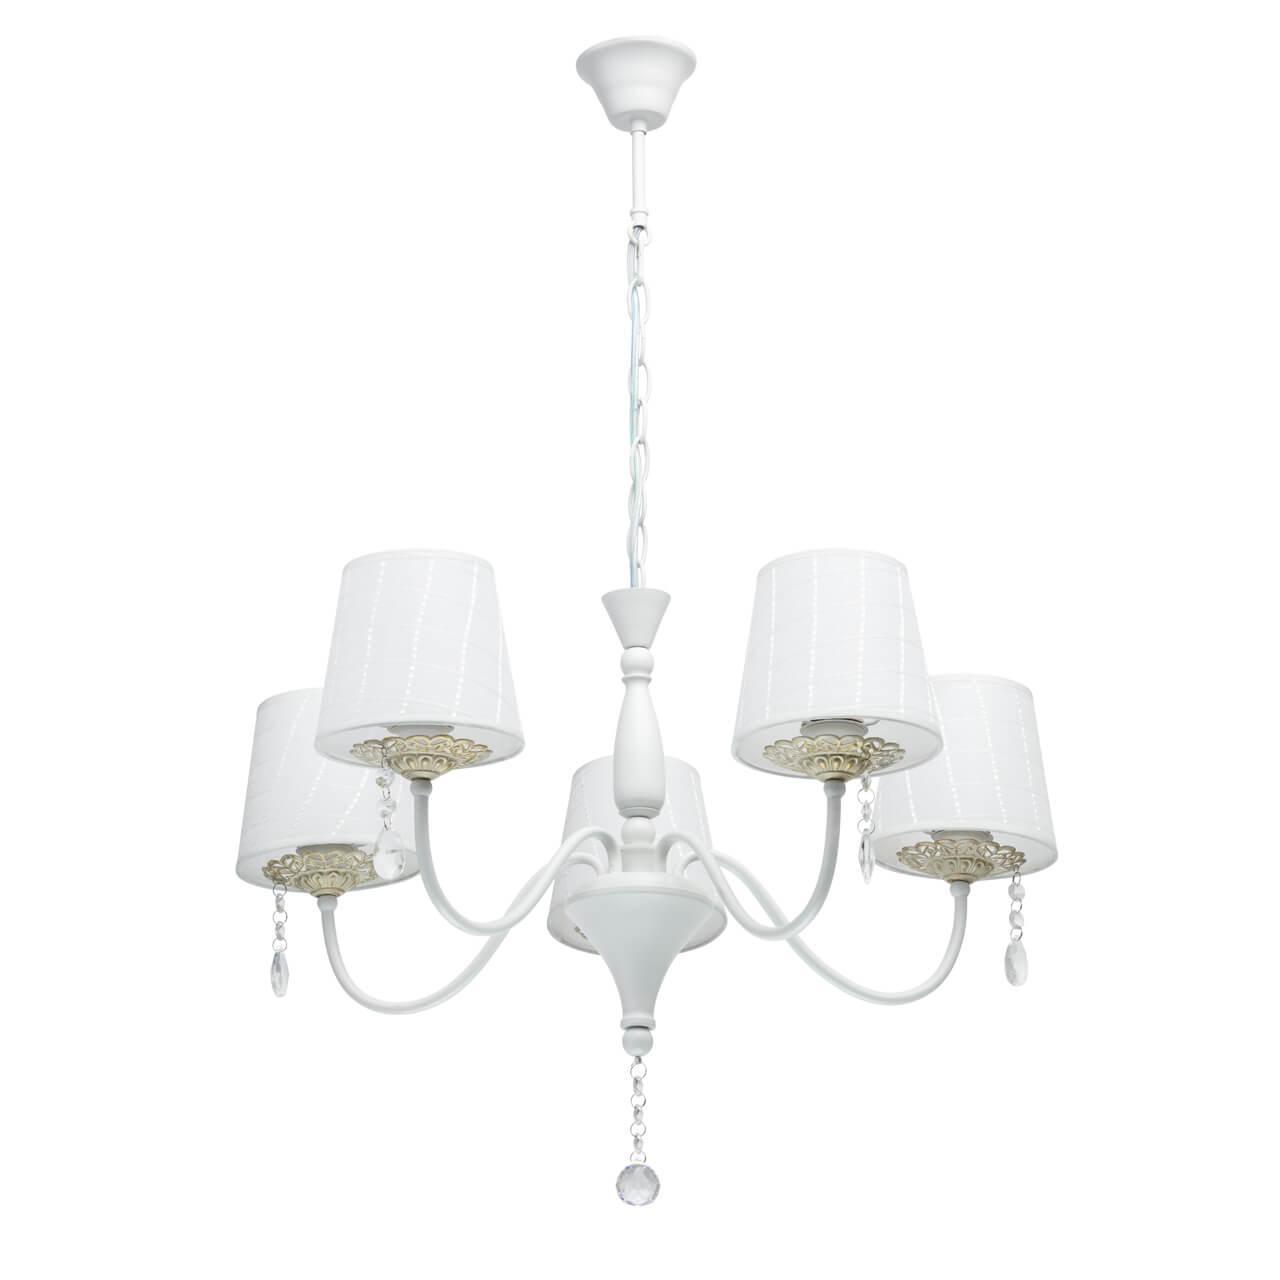 Подвесной светильник De Markt 448012605, E14, 40 Вт подвесная люстра de markt изабелла 35 351018510